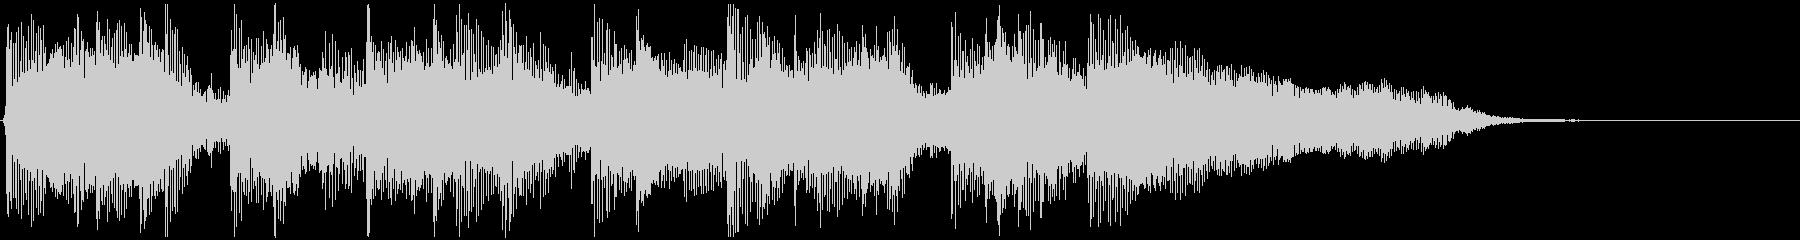 バイオリンメロのジングルの未再生の波形